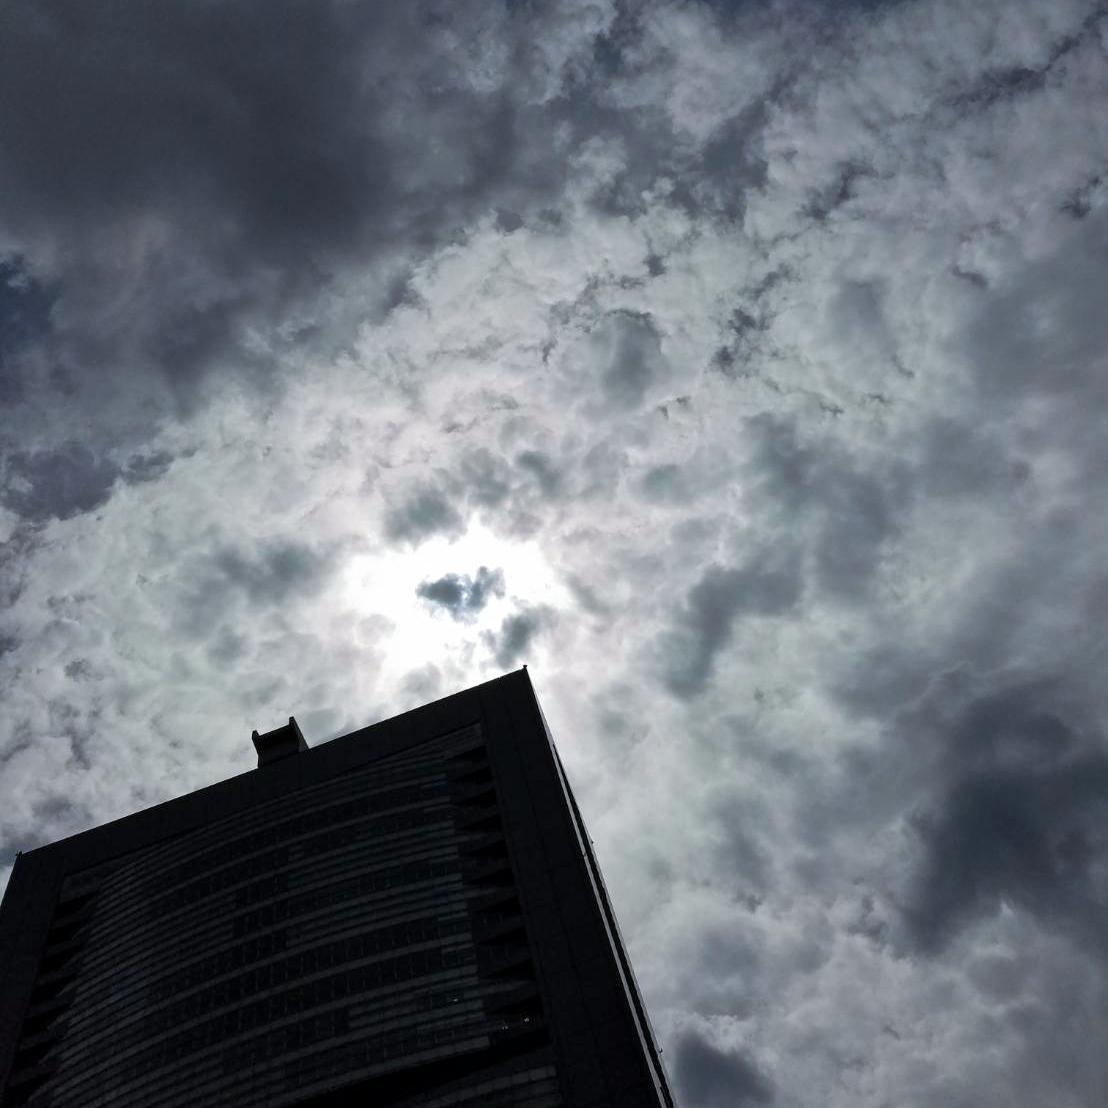 あの頃に見た空、雲がかかっていた。